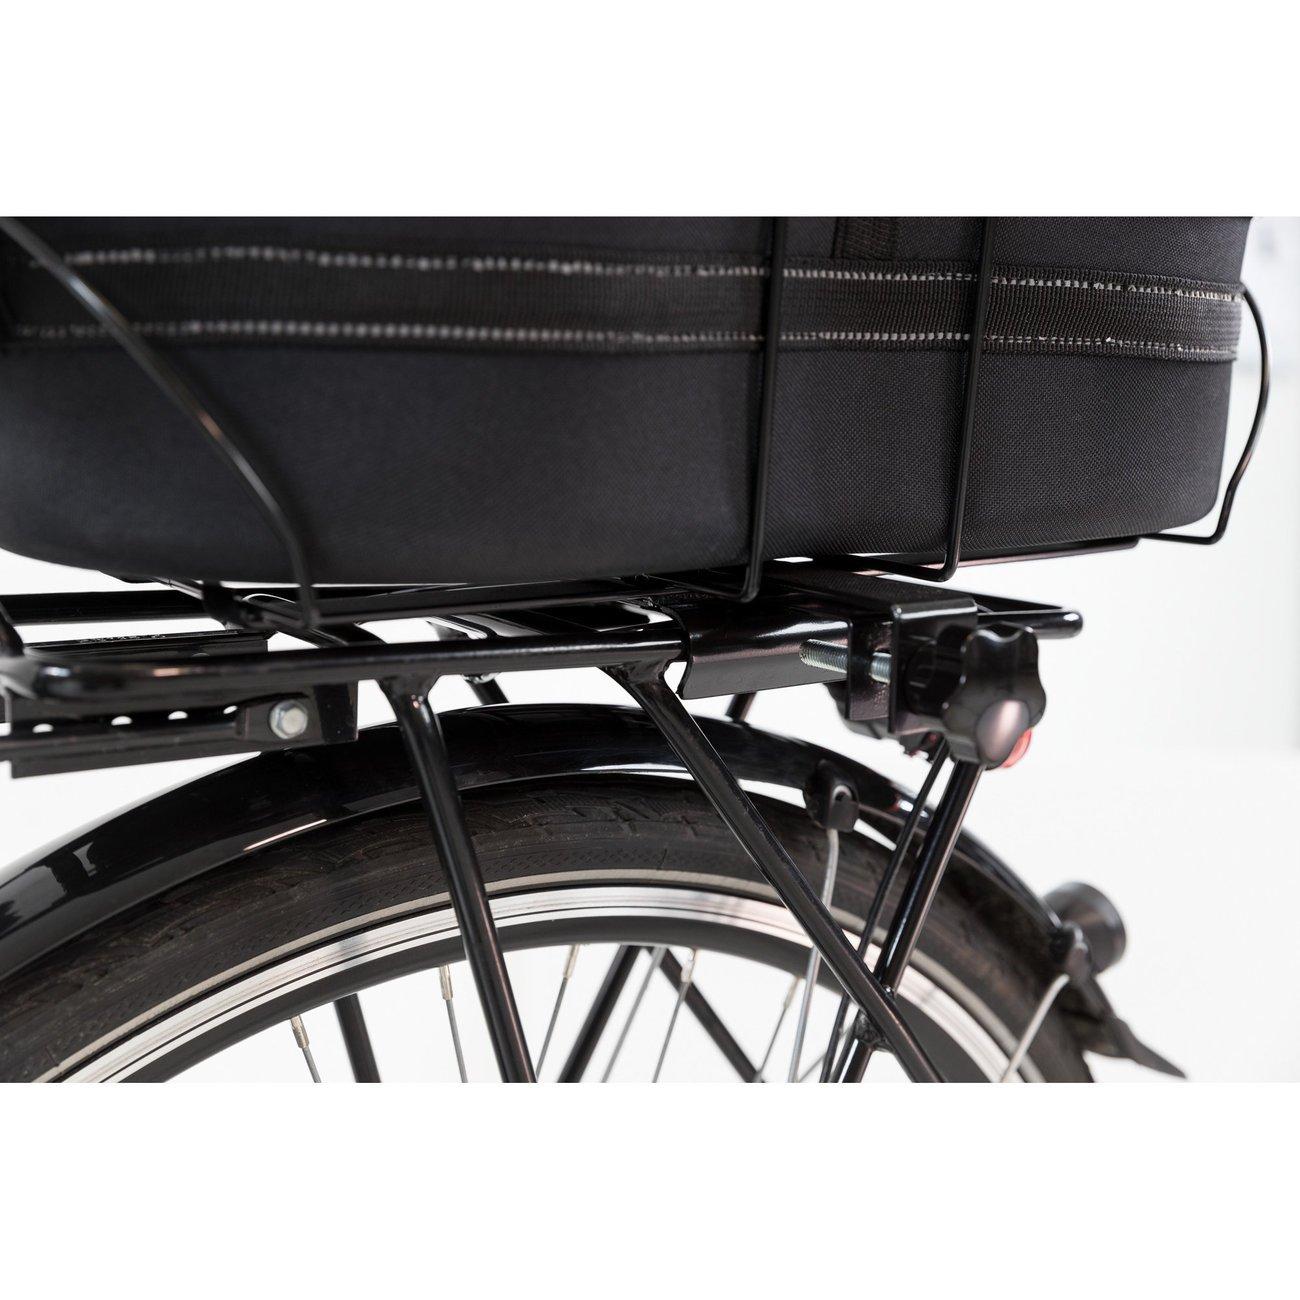 Fahrradtasche mit Metallrahmen für breite Gepäckträger Bild 7